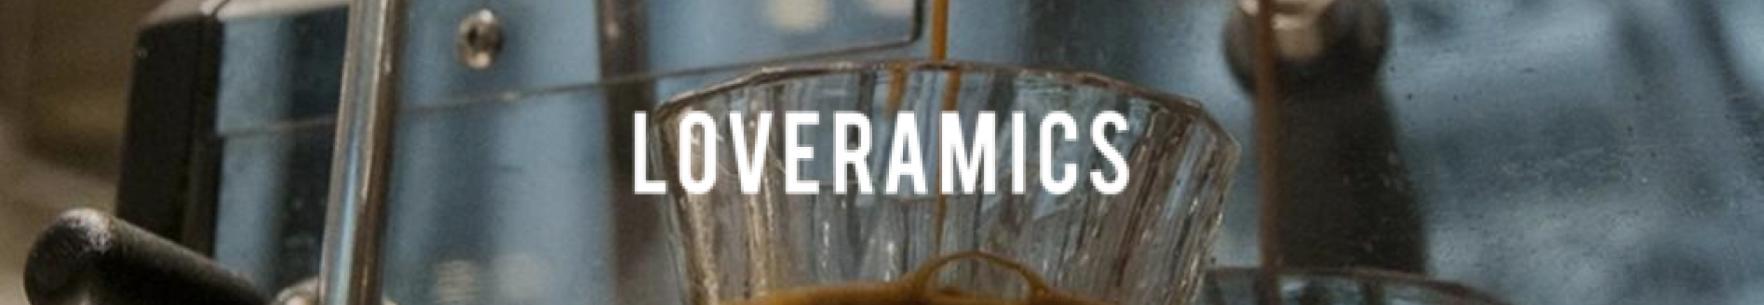 Loveramics glas